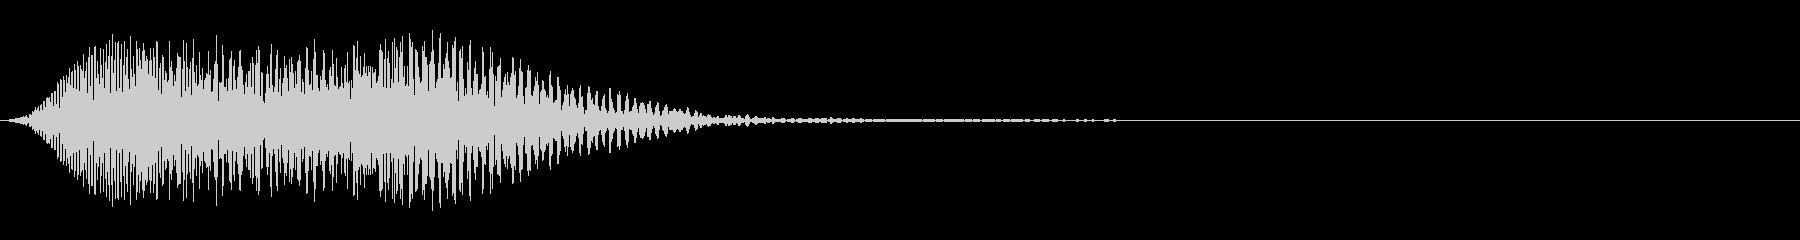 重金属スライド2の未再生の波形